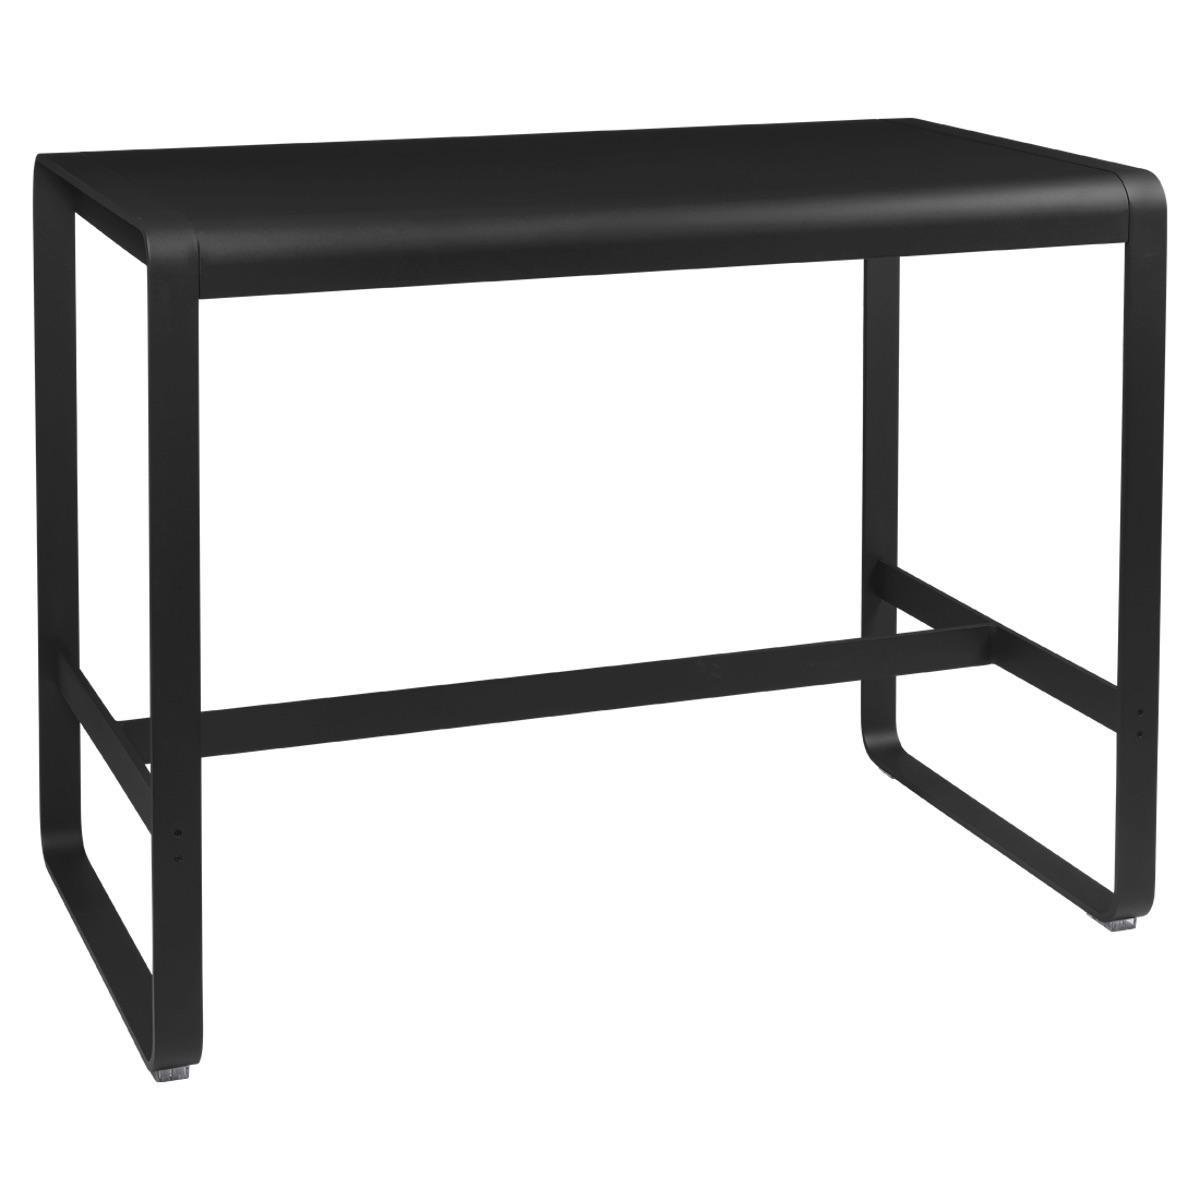 Table haute 80x140cm BELLEVIE Fermob réglisse